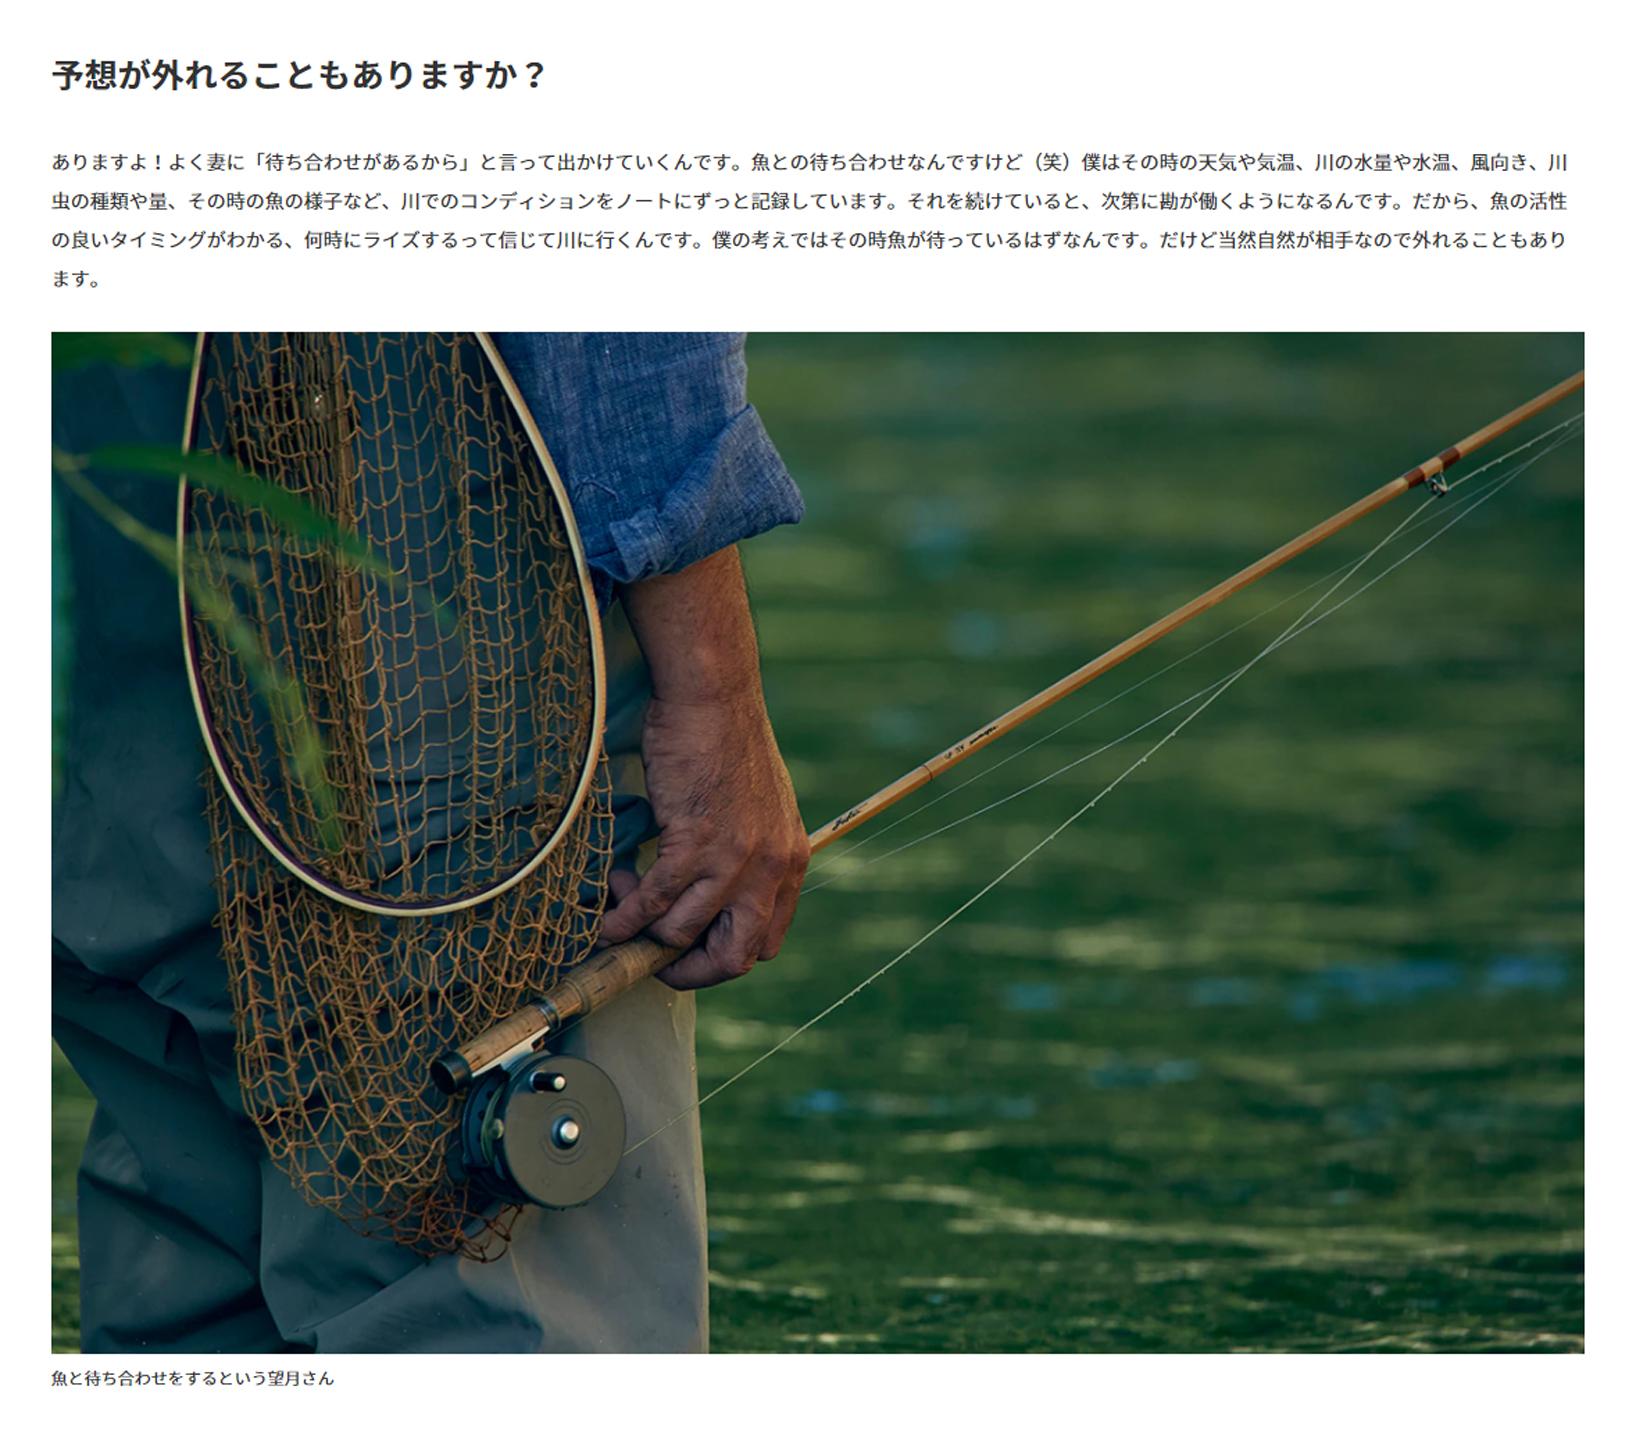 【技に触れる旅】至高のバンブーロッドを求めてトラウト王国・北海道へ行く13